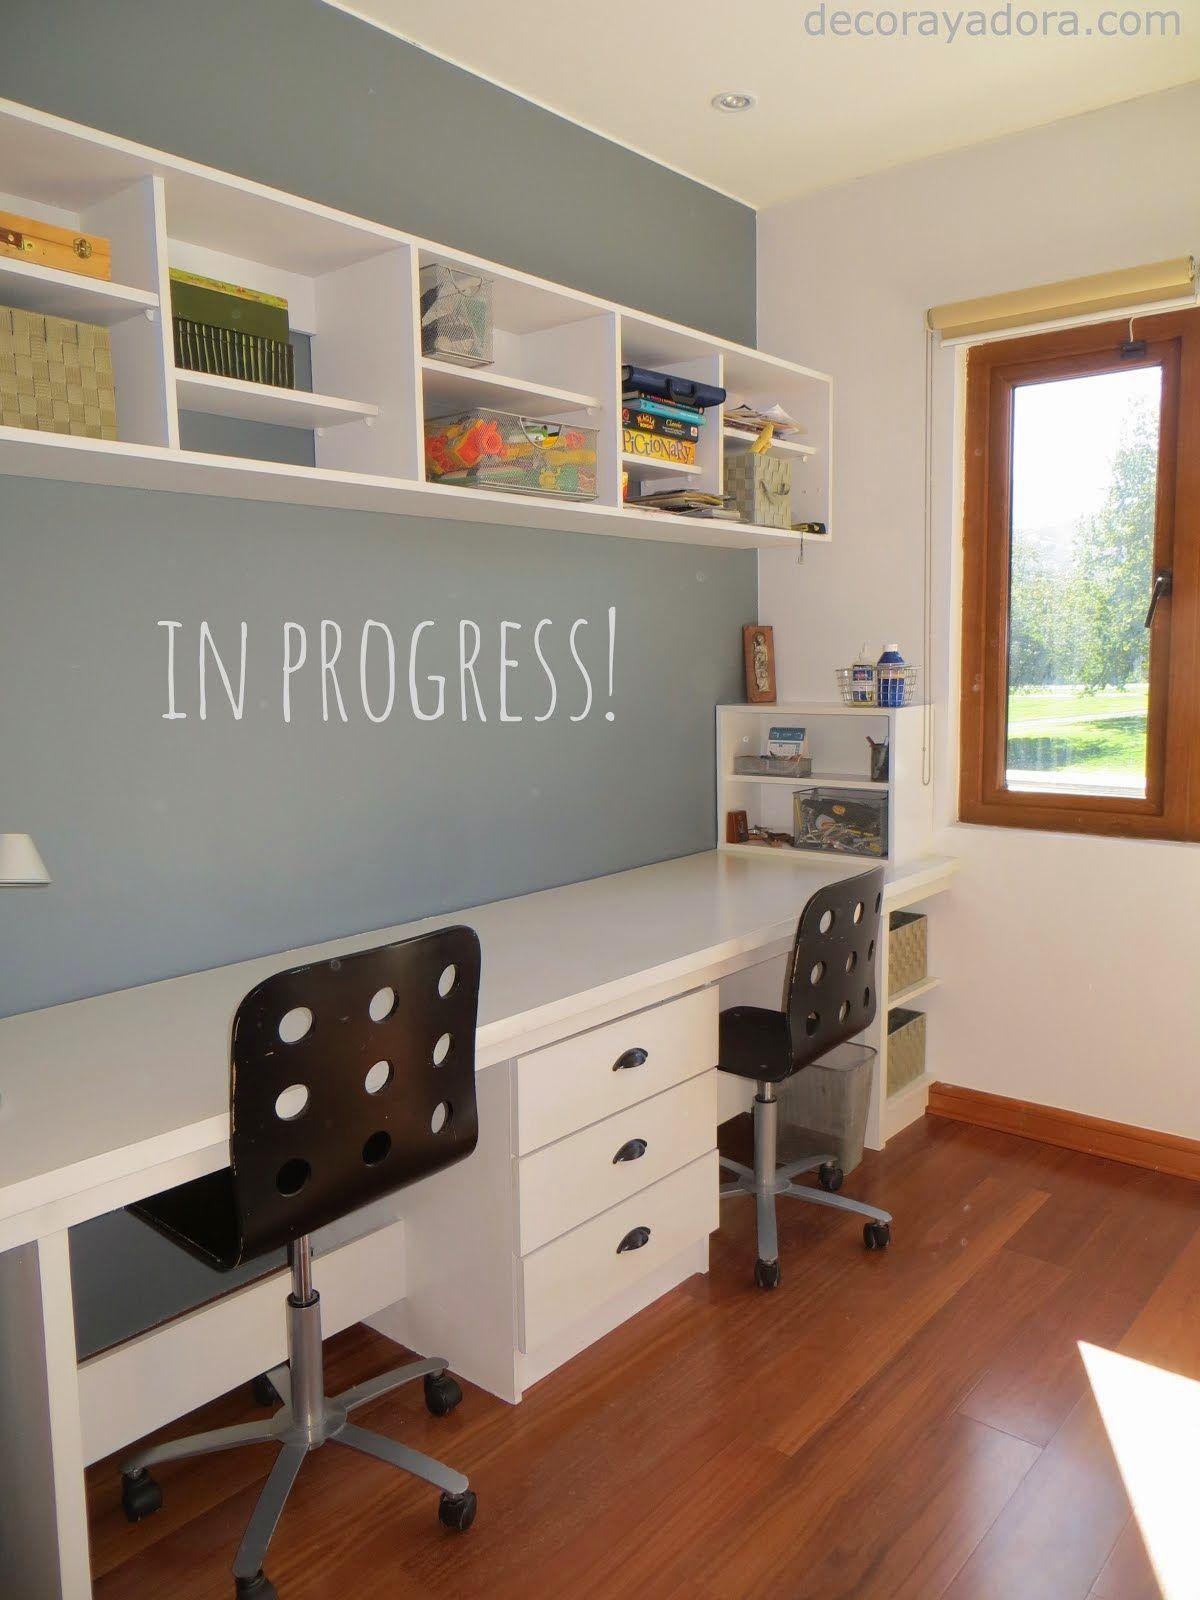 Muebles Sencillos Para Hacer En Casa - Diy Mueble Estudio Bedroom Pinterest Estudios Escritorios Y [mjhdah]http://www.hagaloustedmismo.cl/images/proyectos/comohacerunestanteconcajonesdefruta.jpg